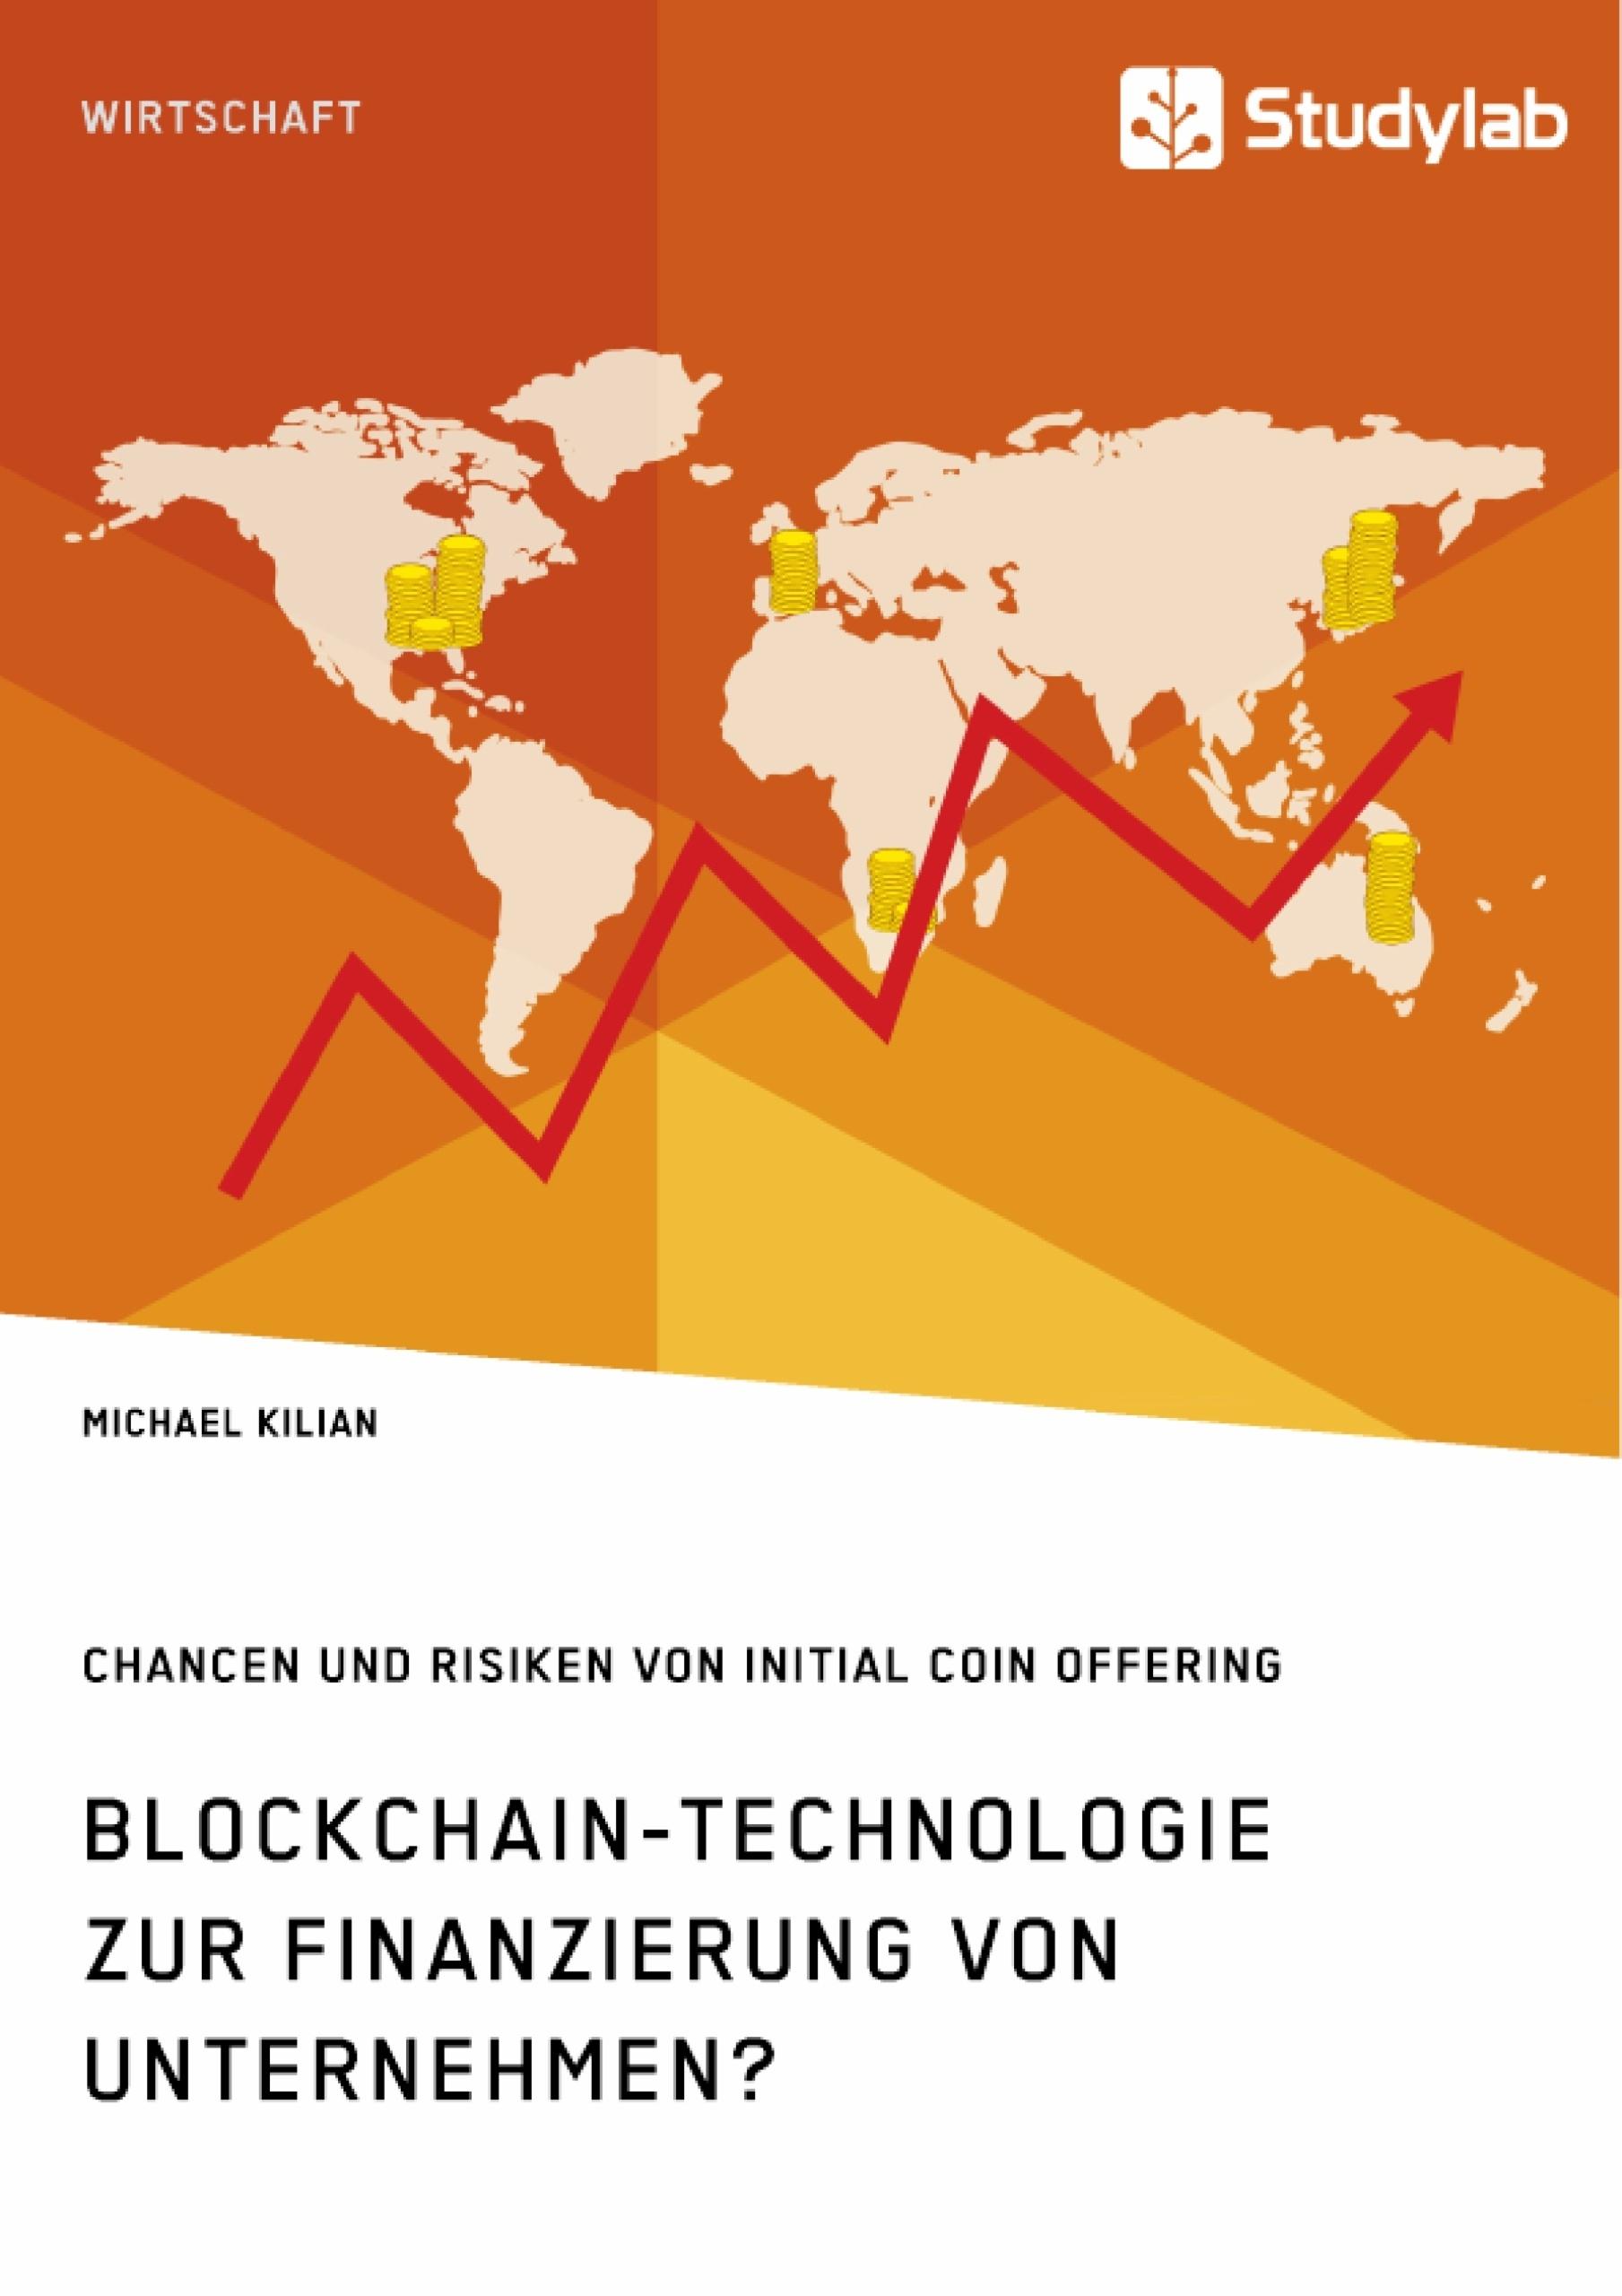 Titel: Blockchain-Technologie zur Finanzierung von Unternehmen? Chancen und Risiken von Initial Coin Offering